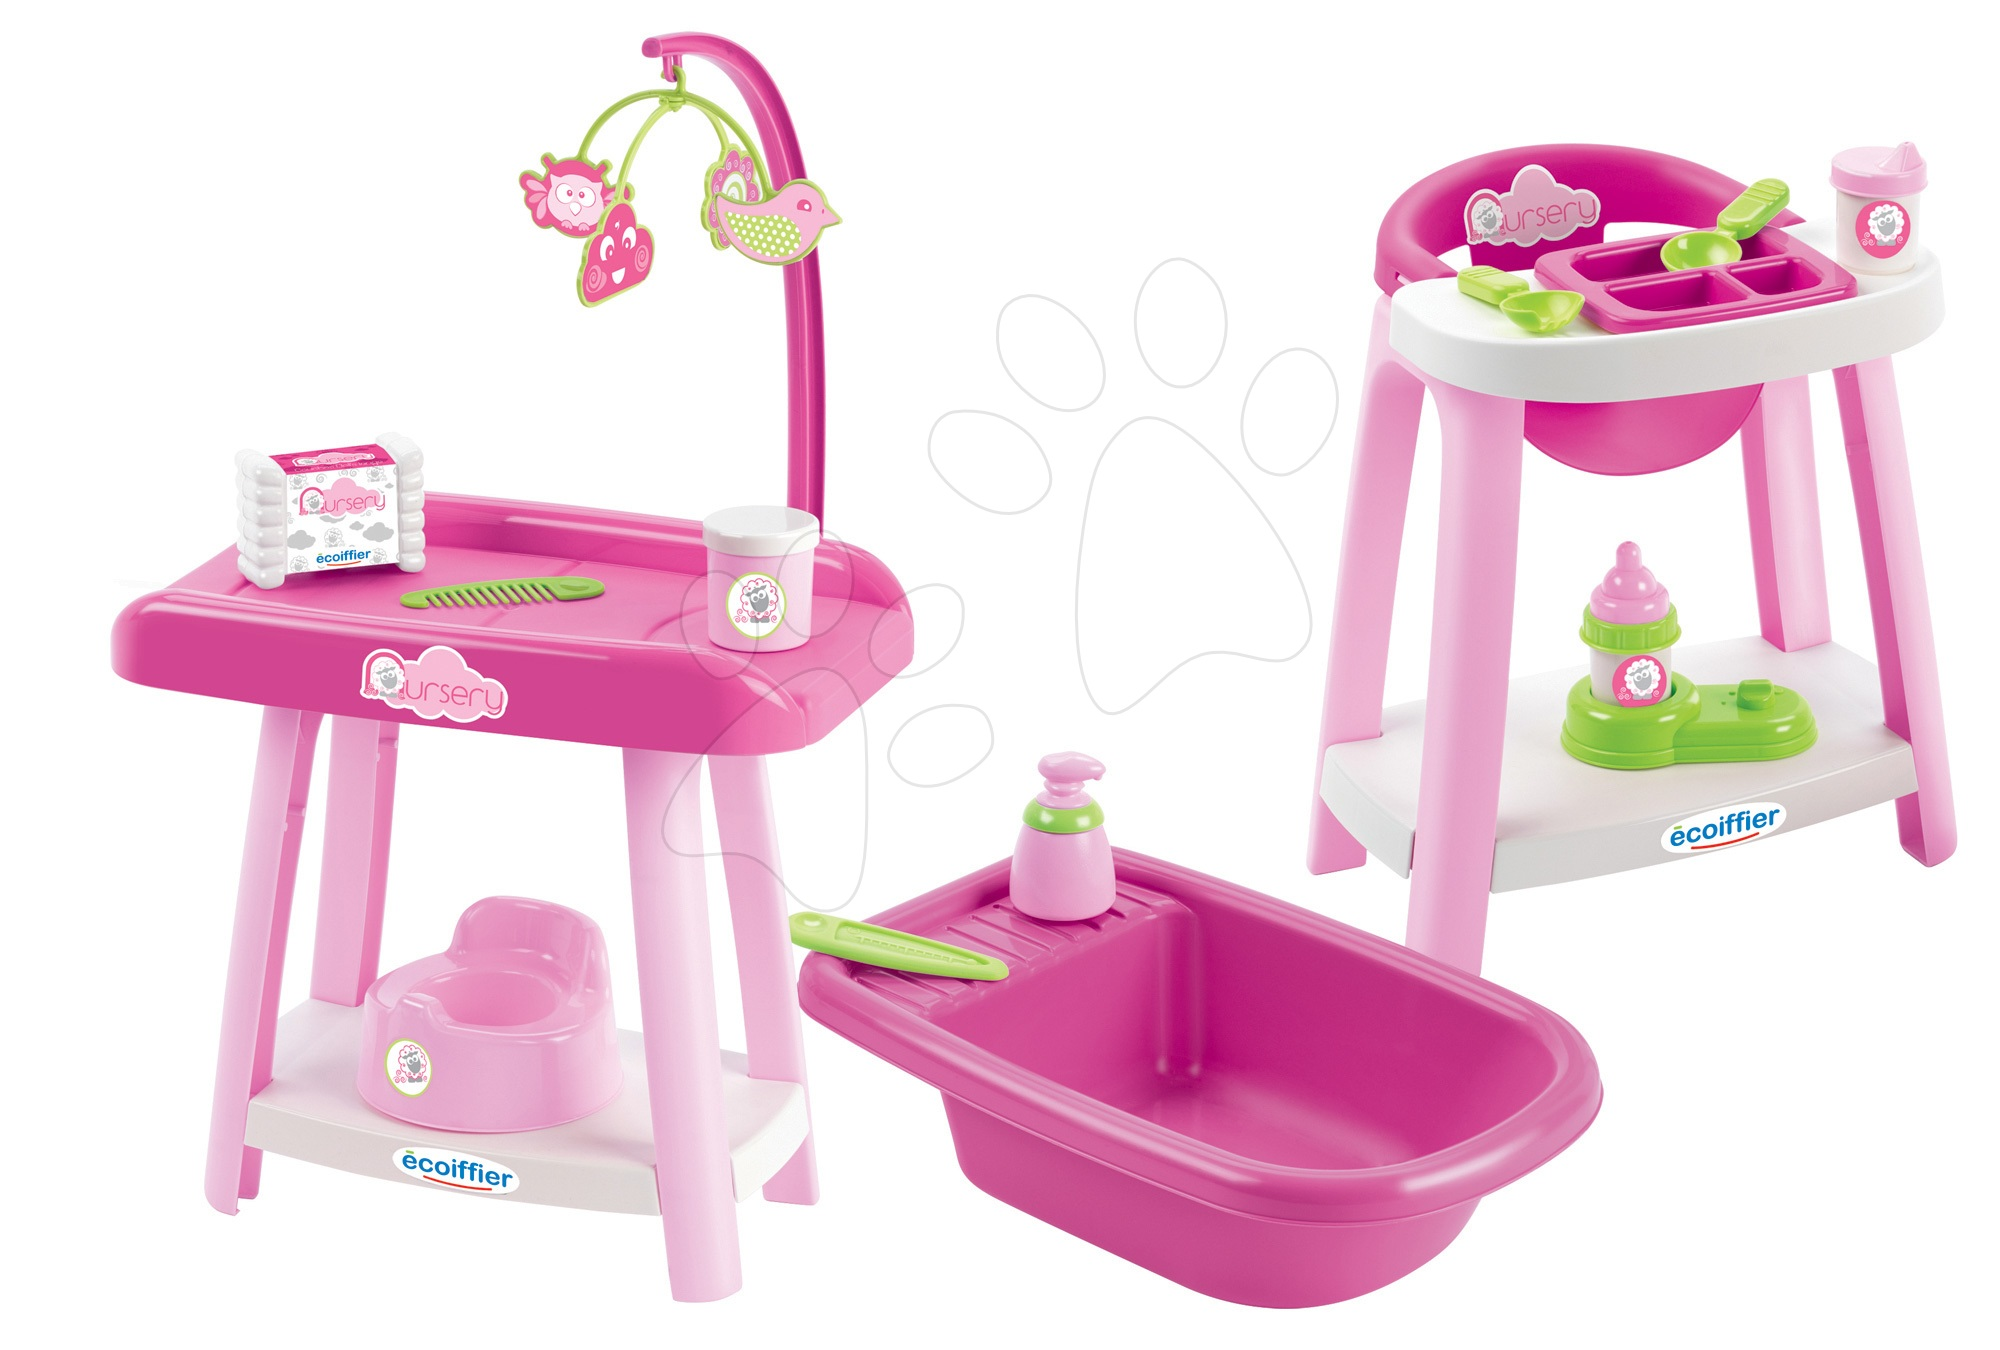 Prebaľovací pult so stoličkou a vaničkou Nursery 3v1 Écoiffier 15 doplnkov ružový od 12 mes